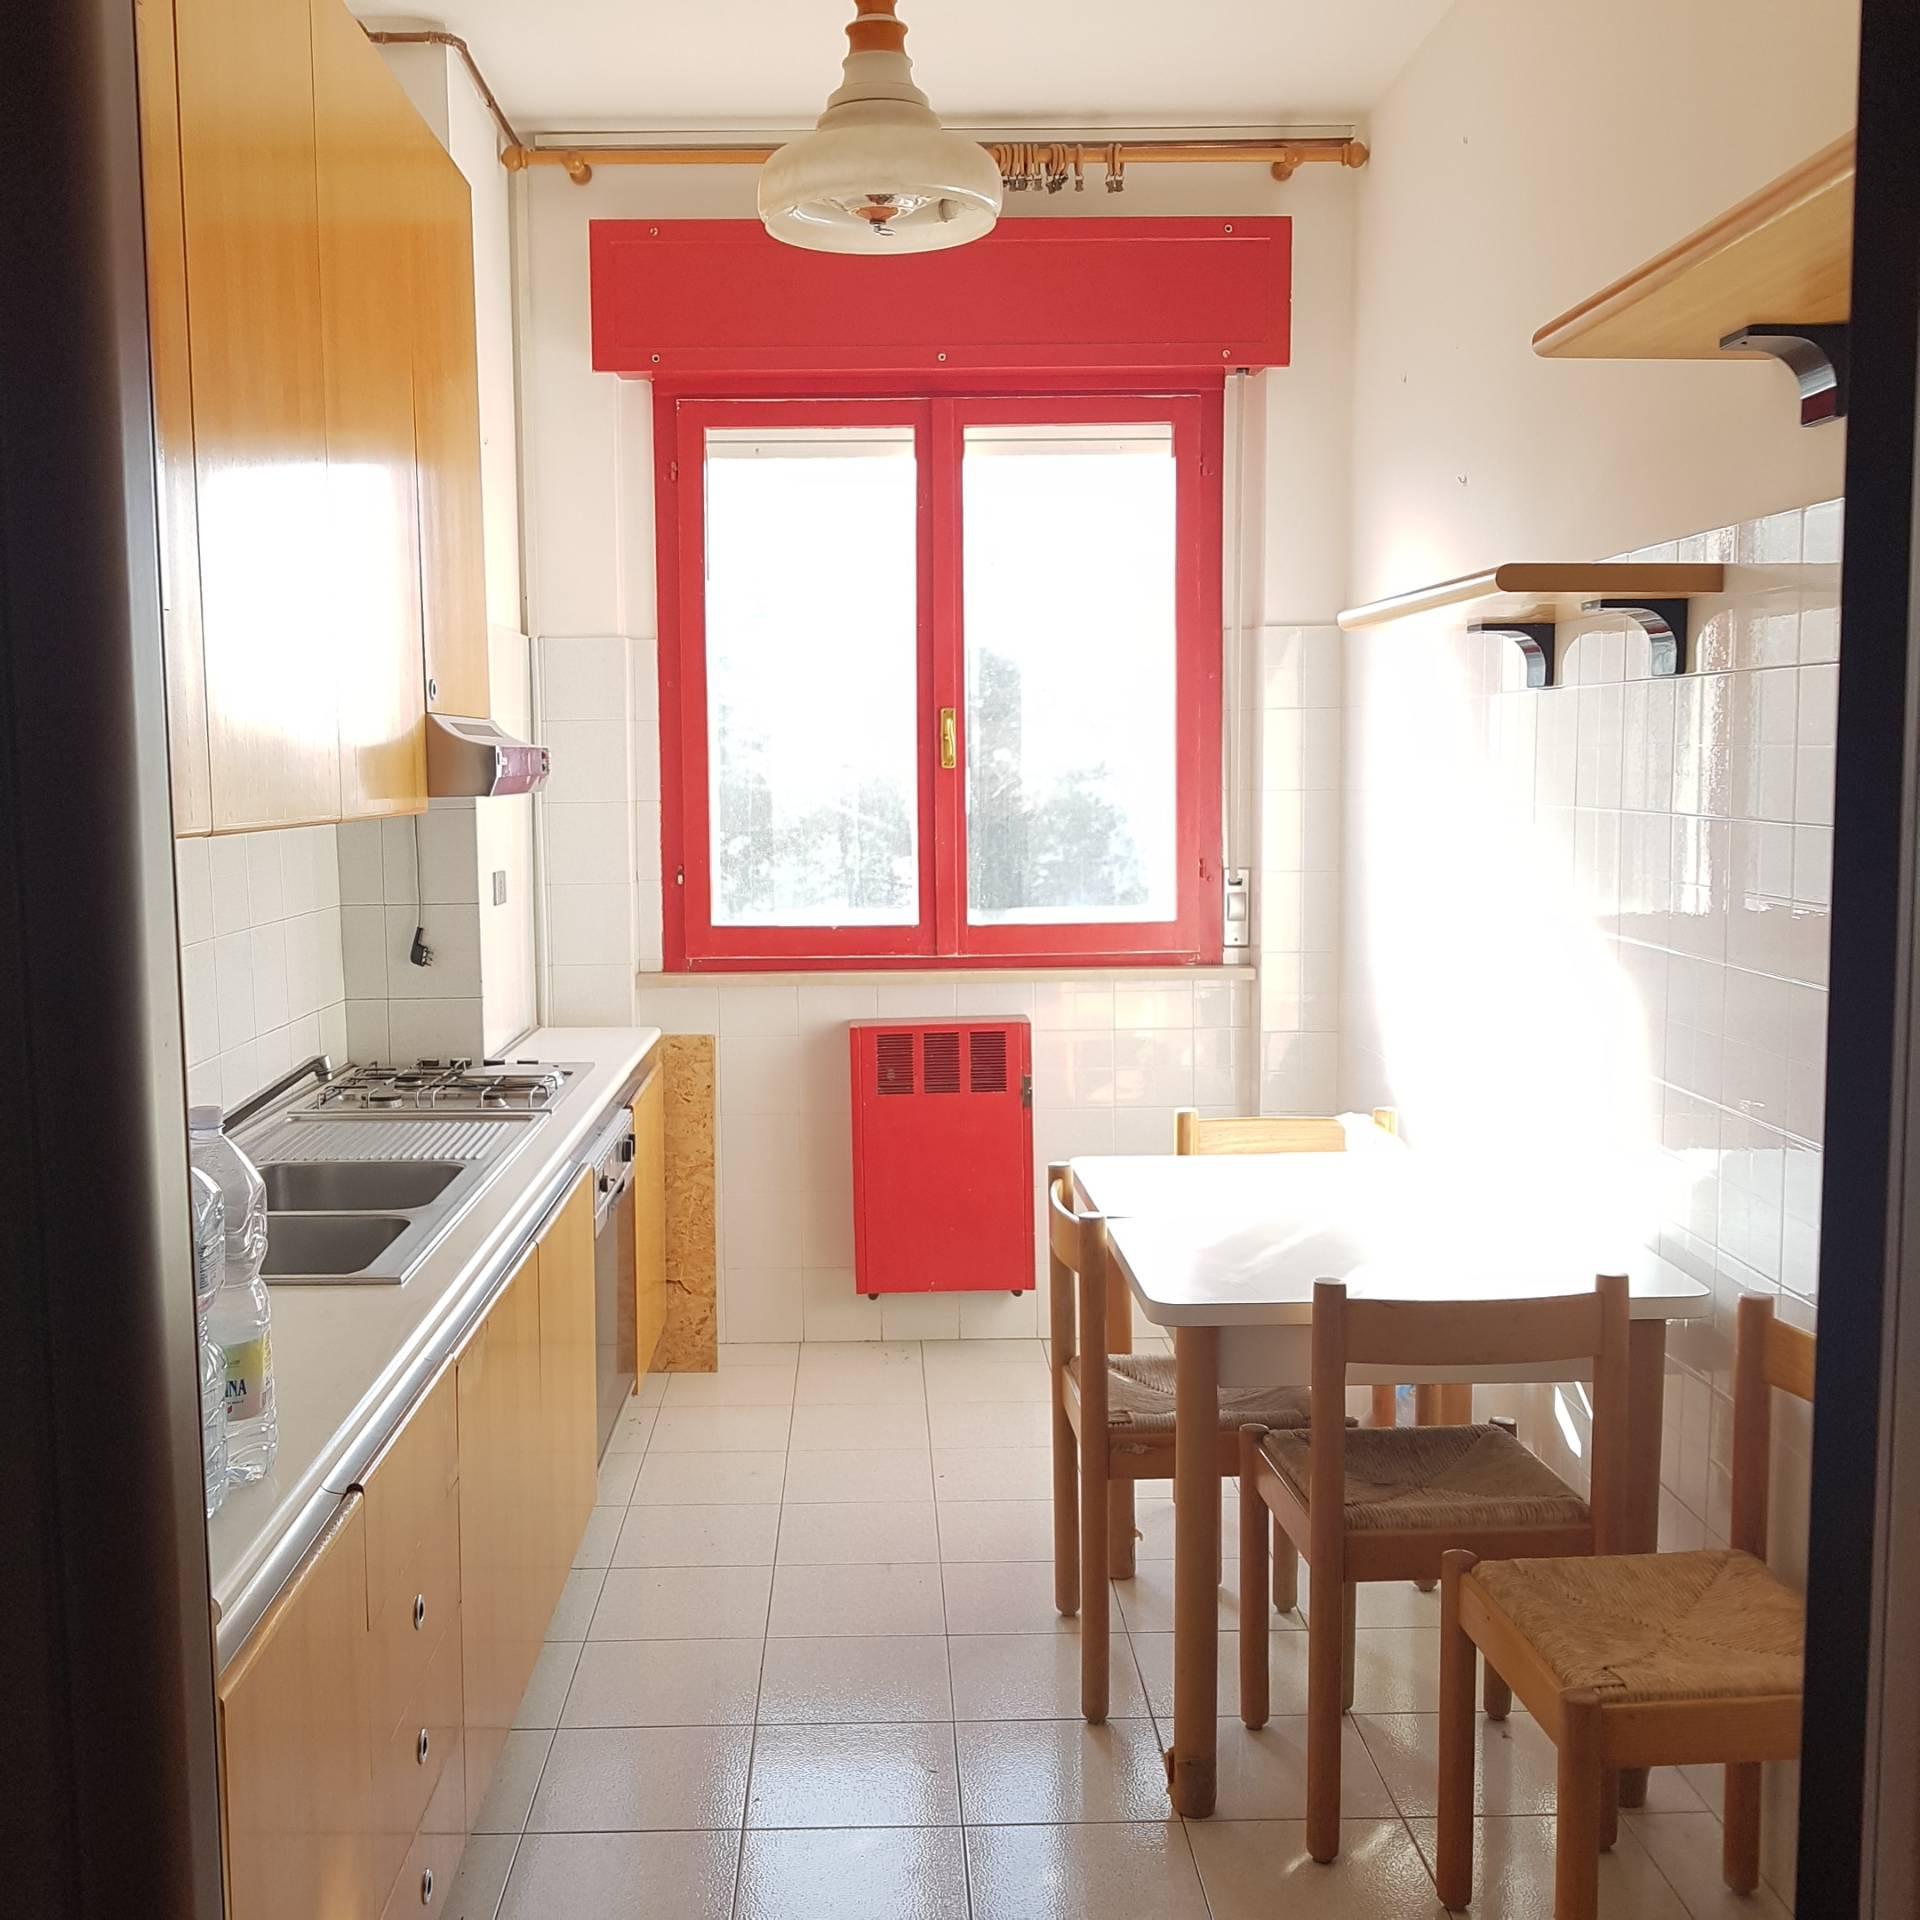 Appartamento in affitto a Viterbo, 3 locali, zona Zona: Semicentro, prezzo € 400 | Cambio Casa.it